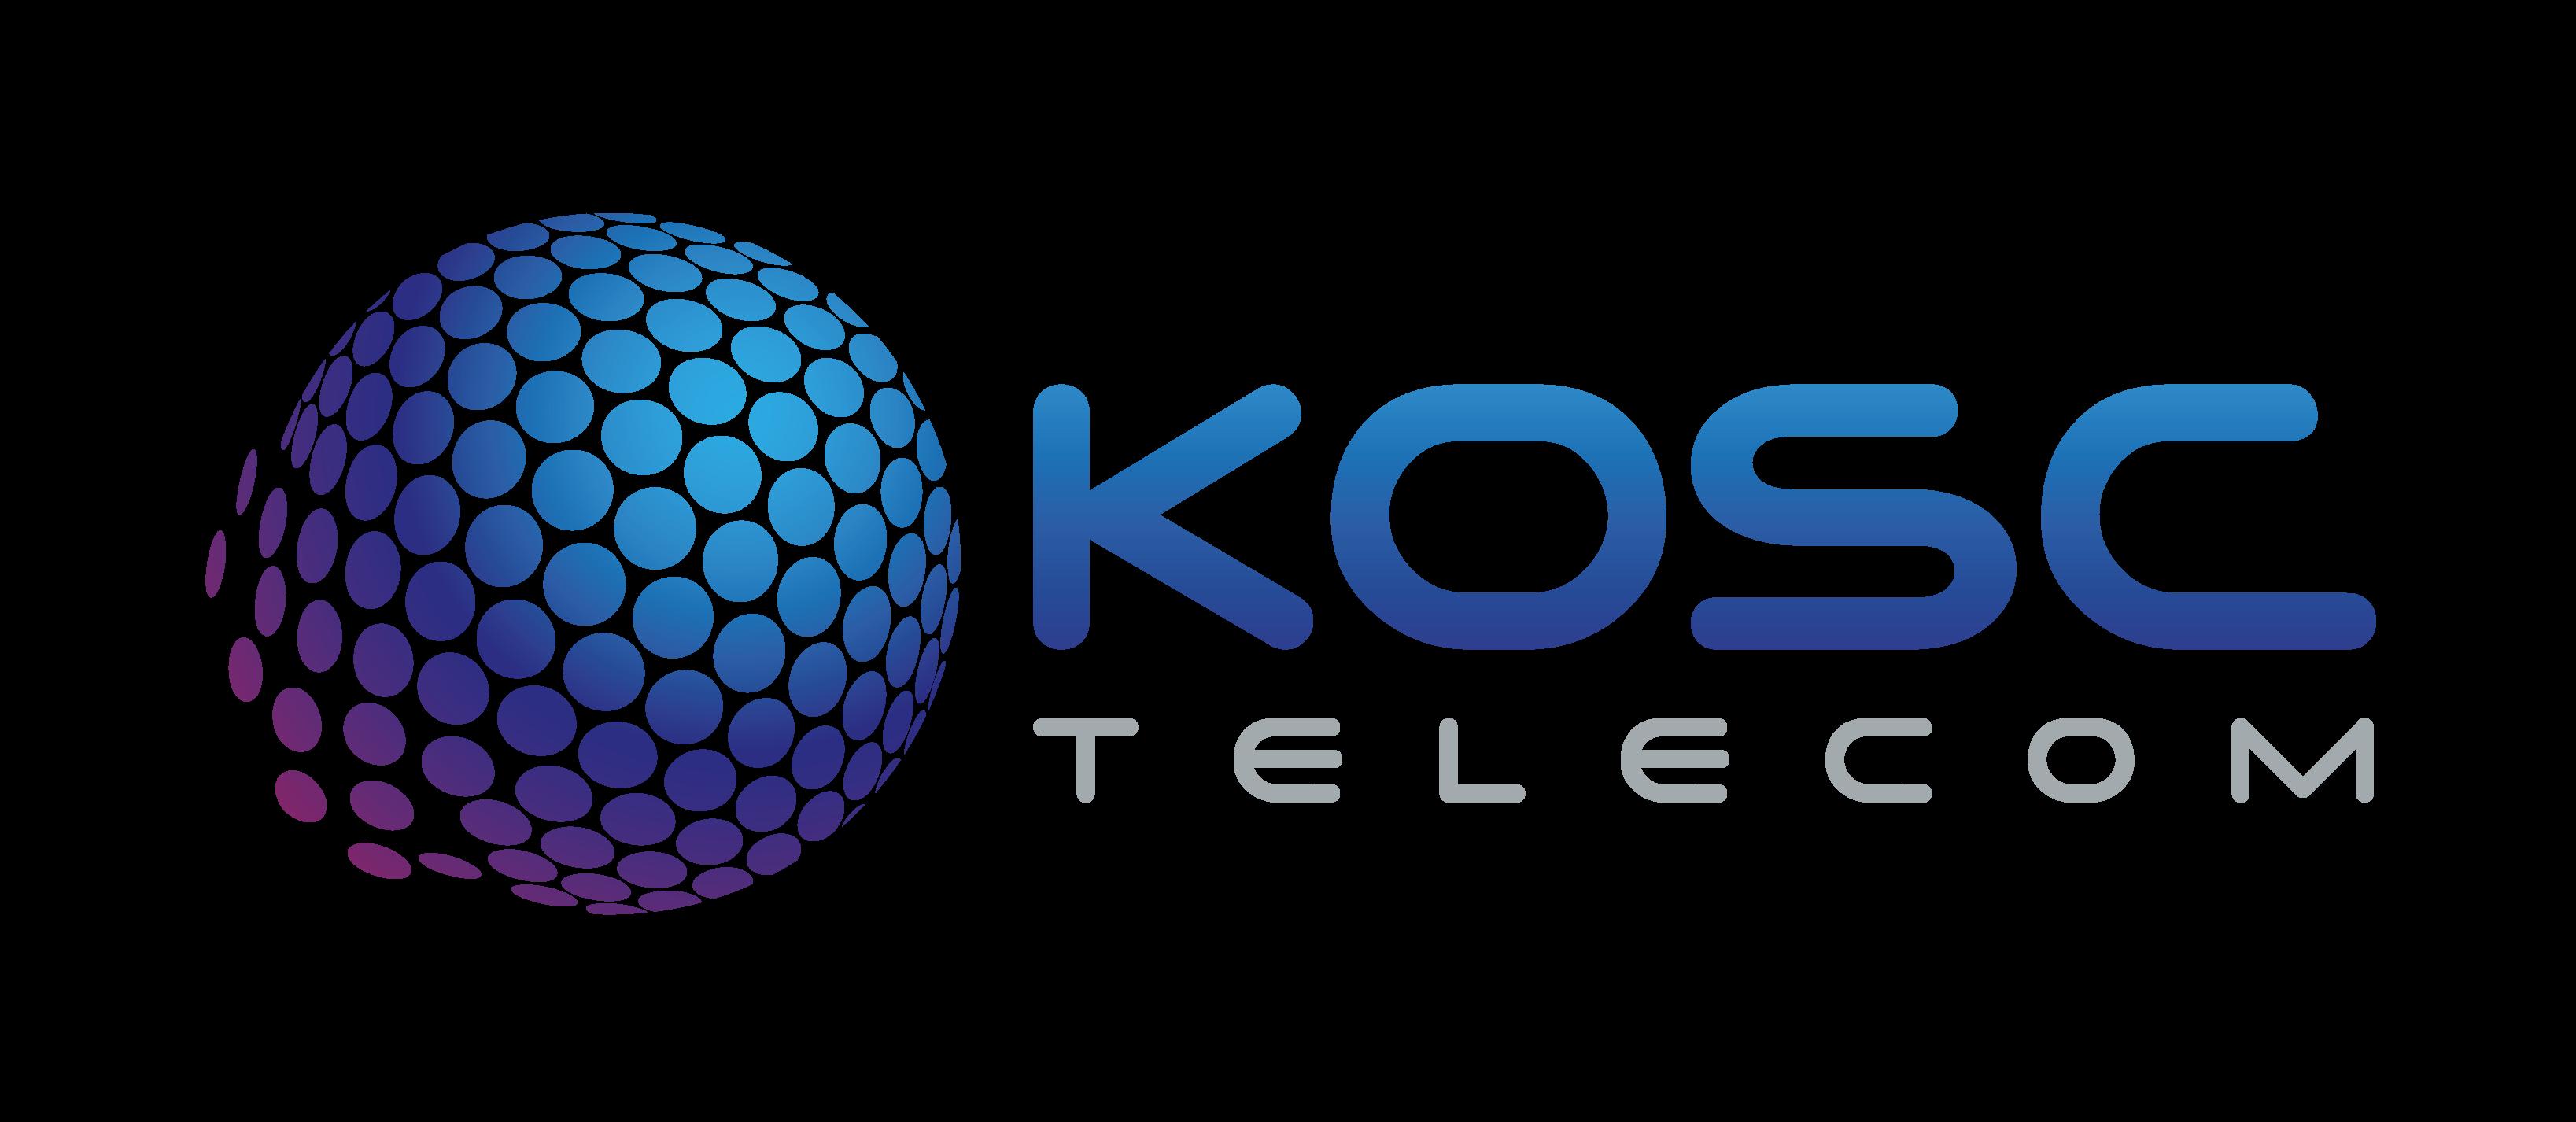 La Connectivité CaaS au service des opérateurs • Kosc Telecom